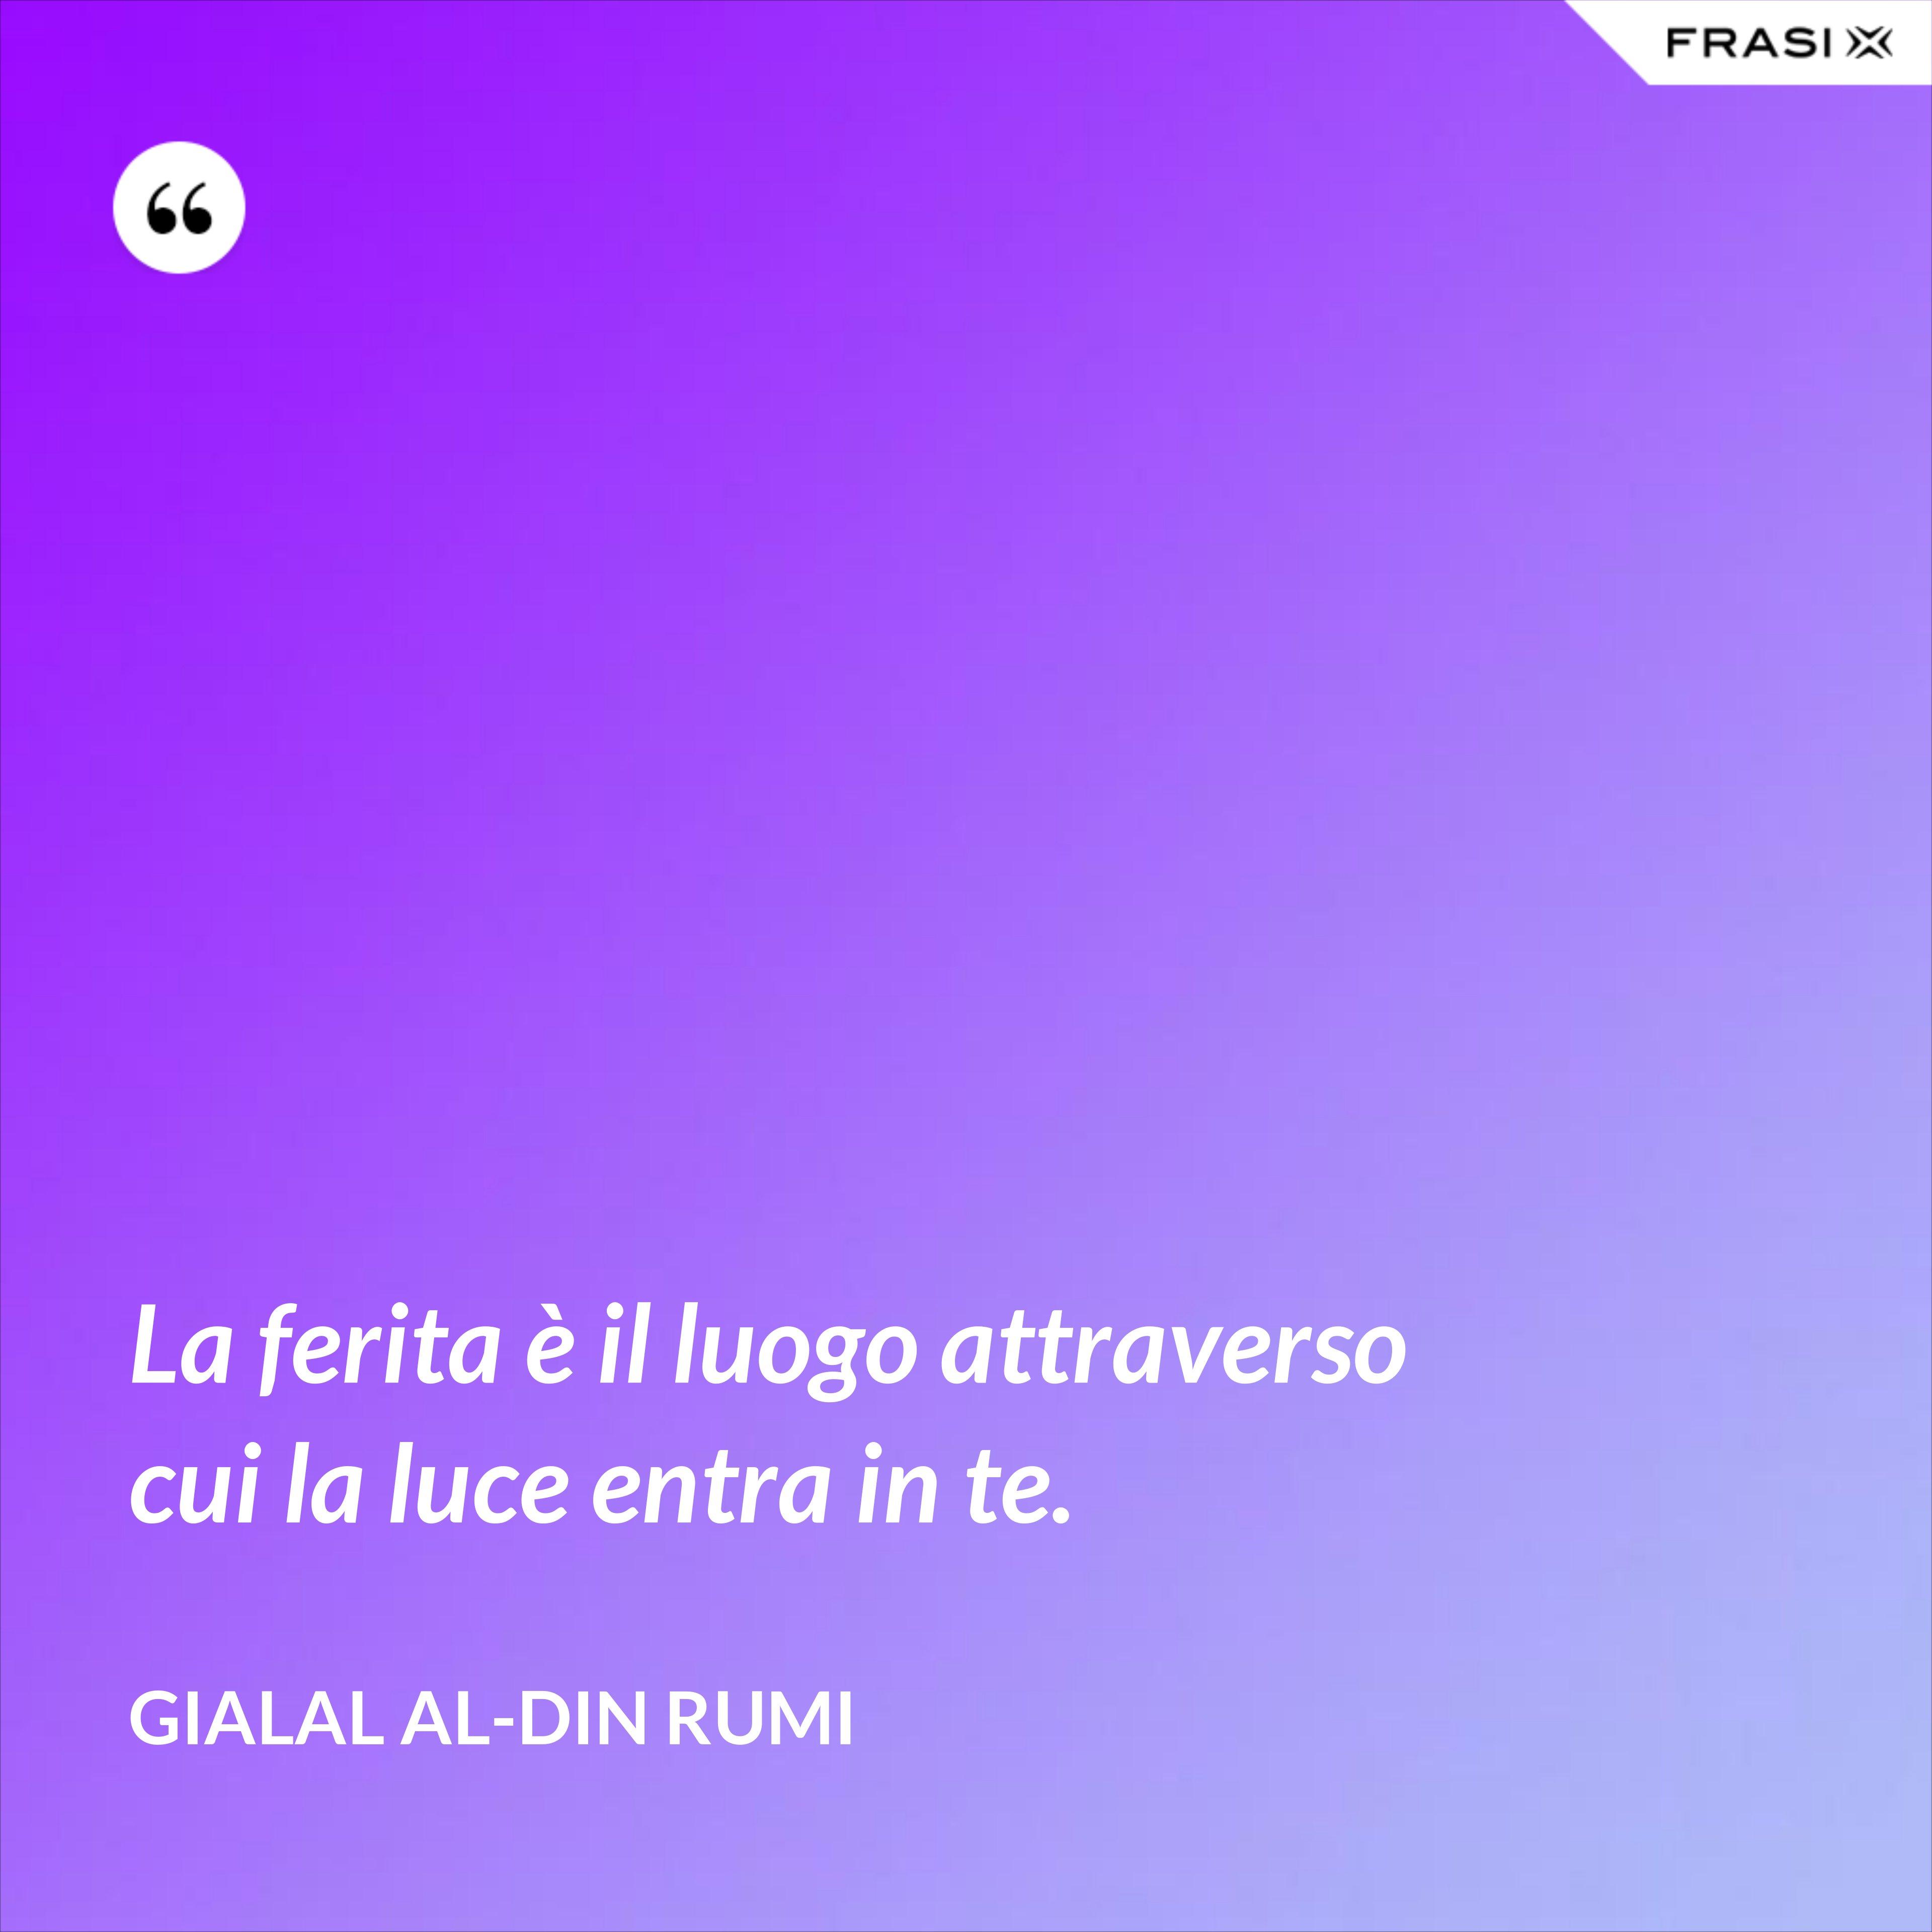 La ferita è il luogo attraverso cui la luce entra in te. - Gialal al-Din Rumi